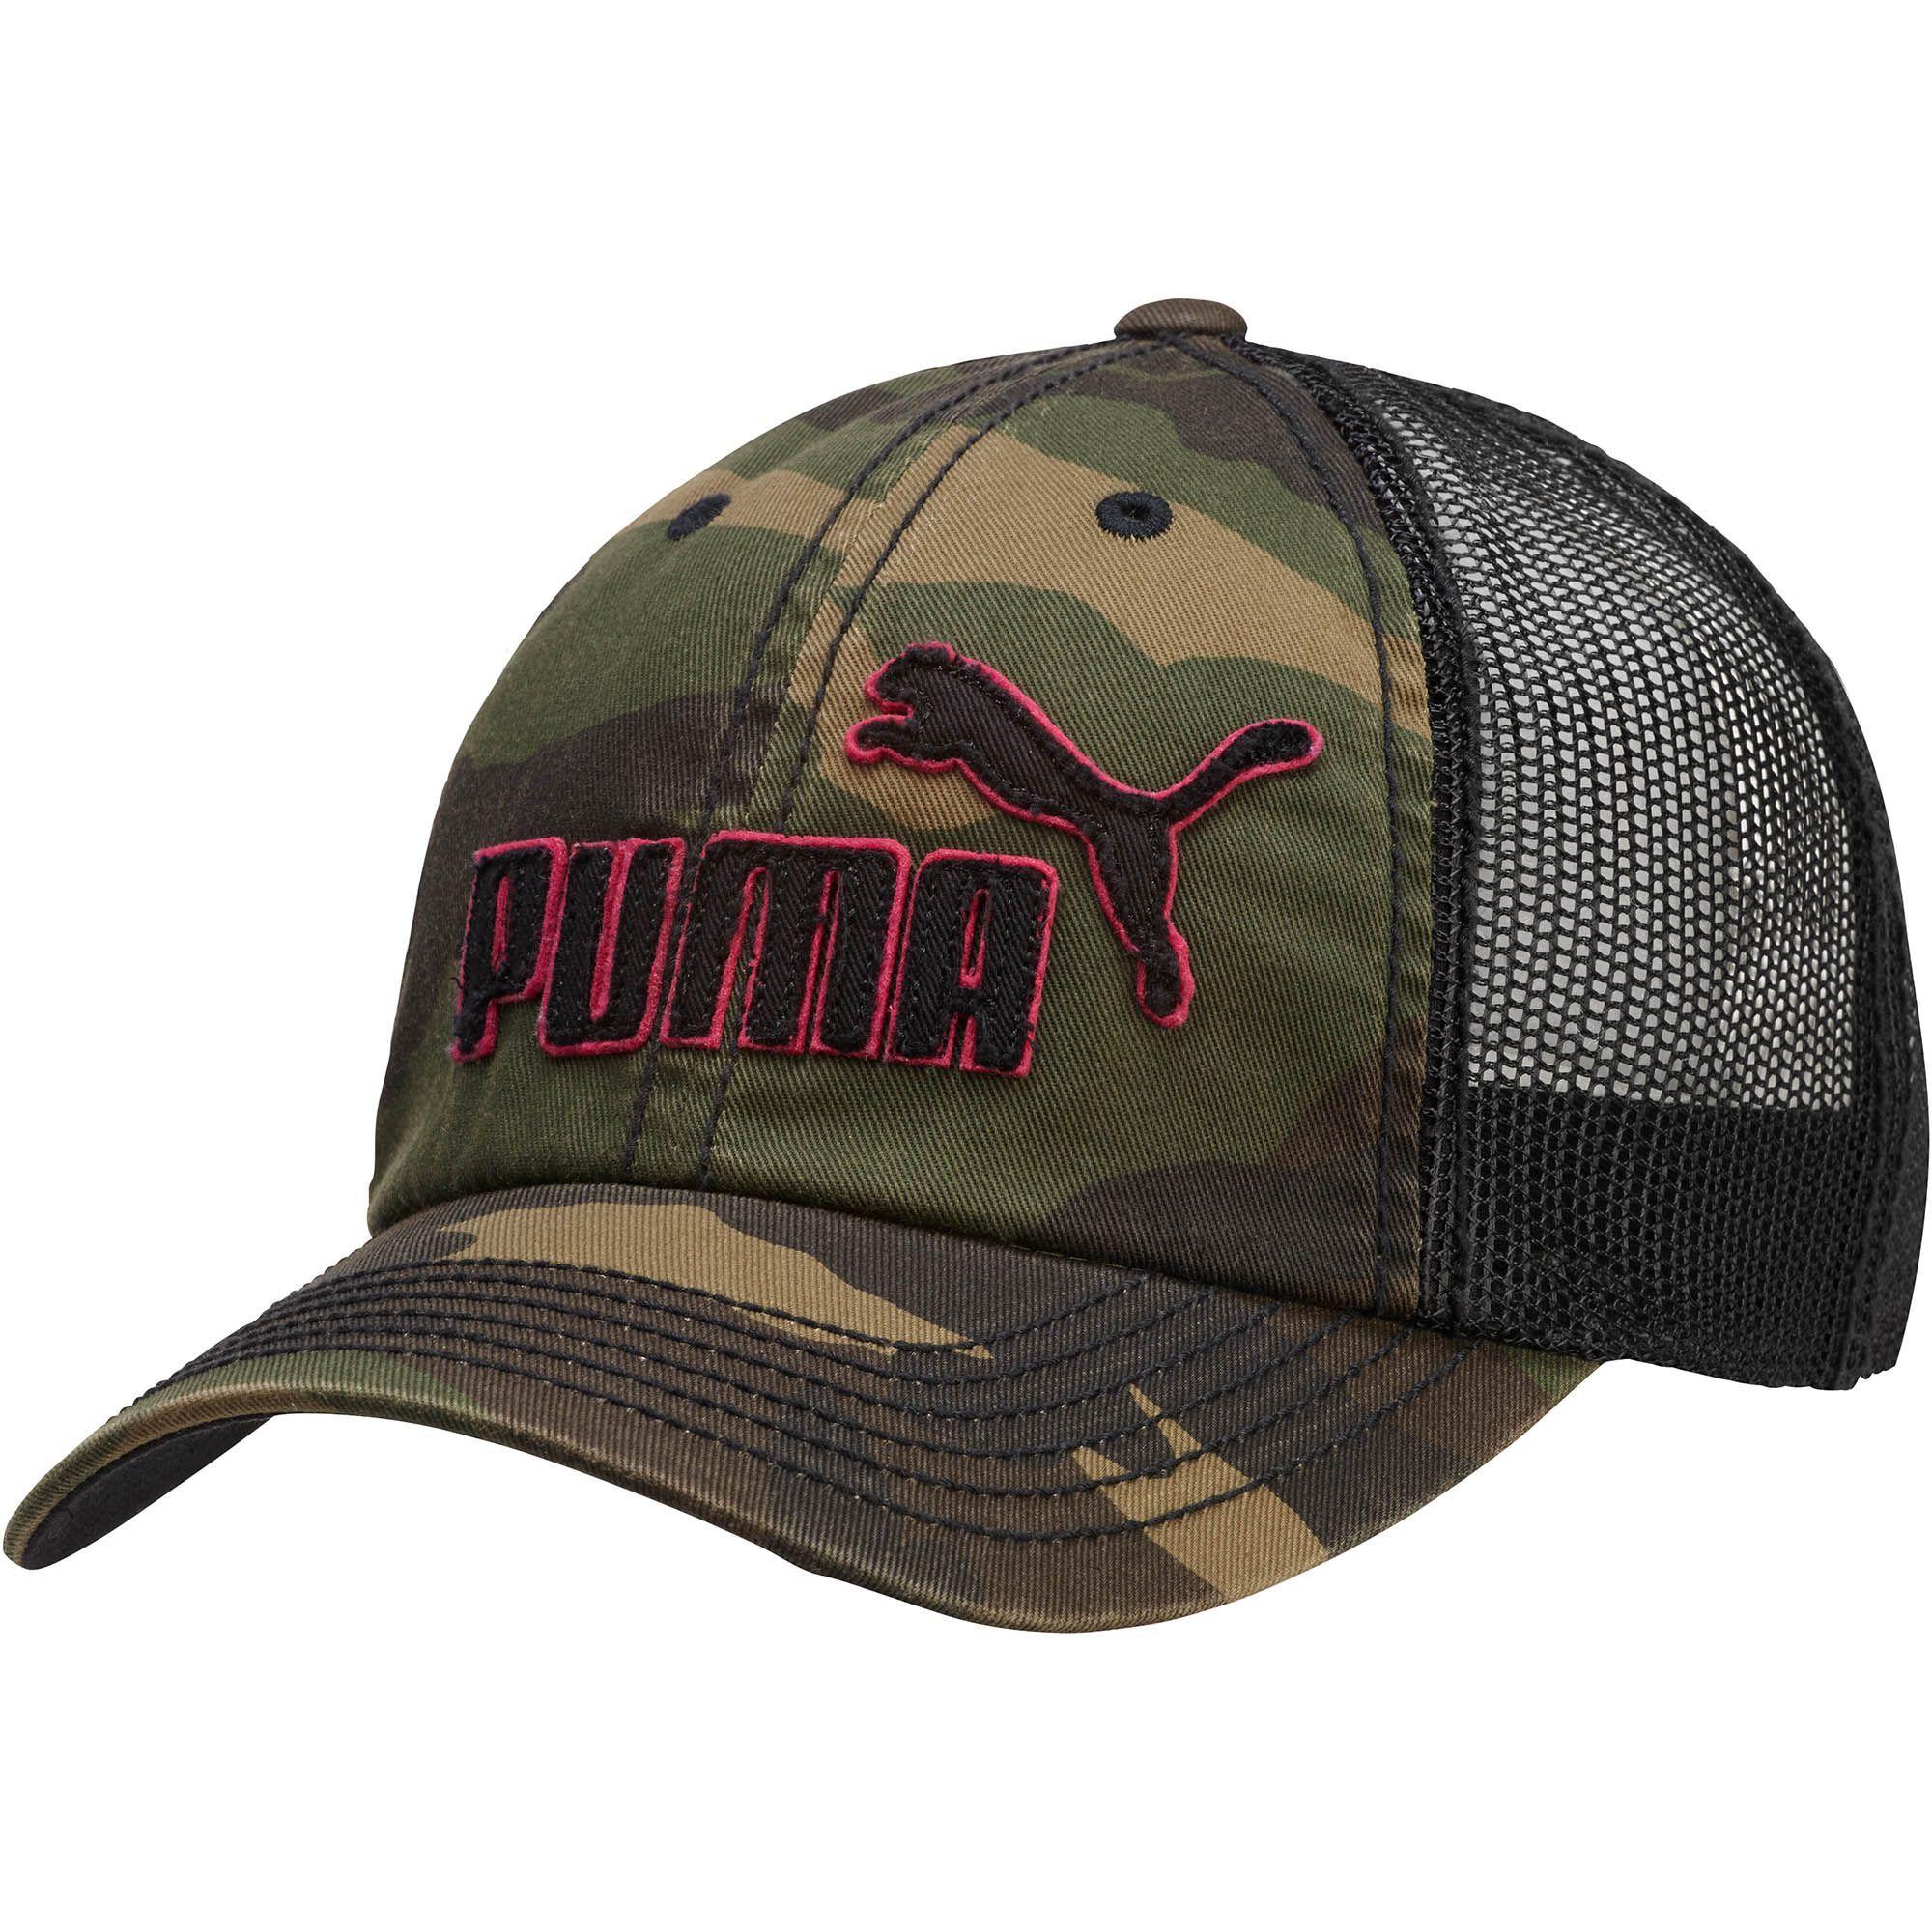 7e74b2d1fb3 PUMA Frat Girl Washed Mesh Snapback Hat